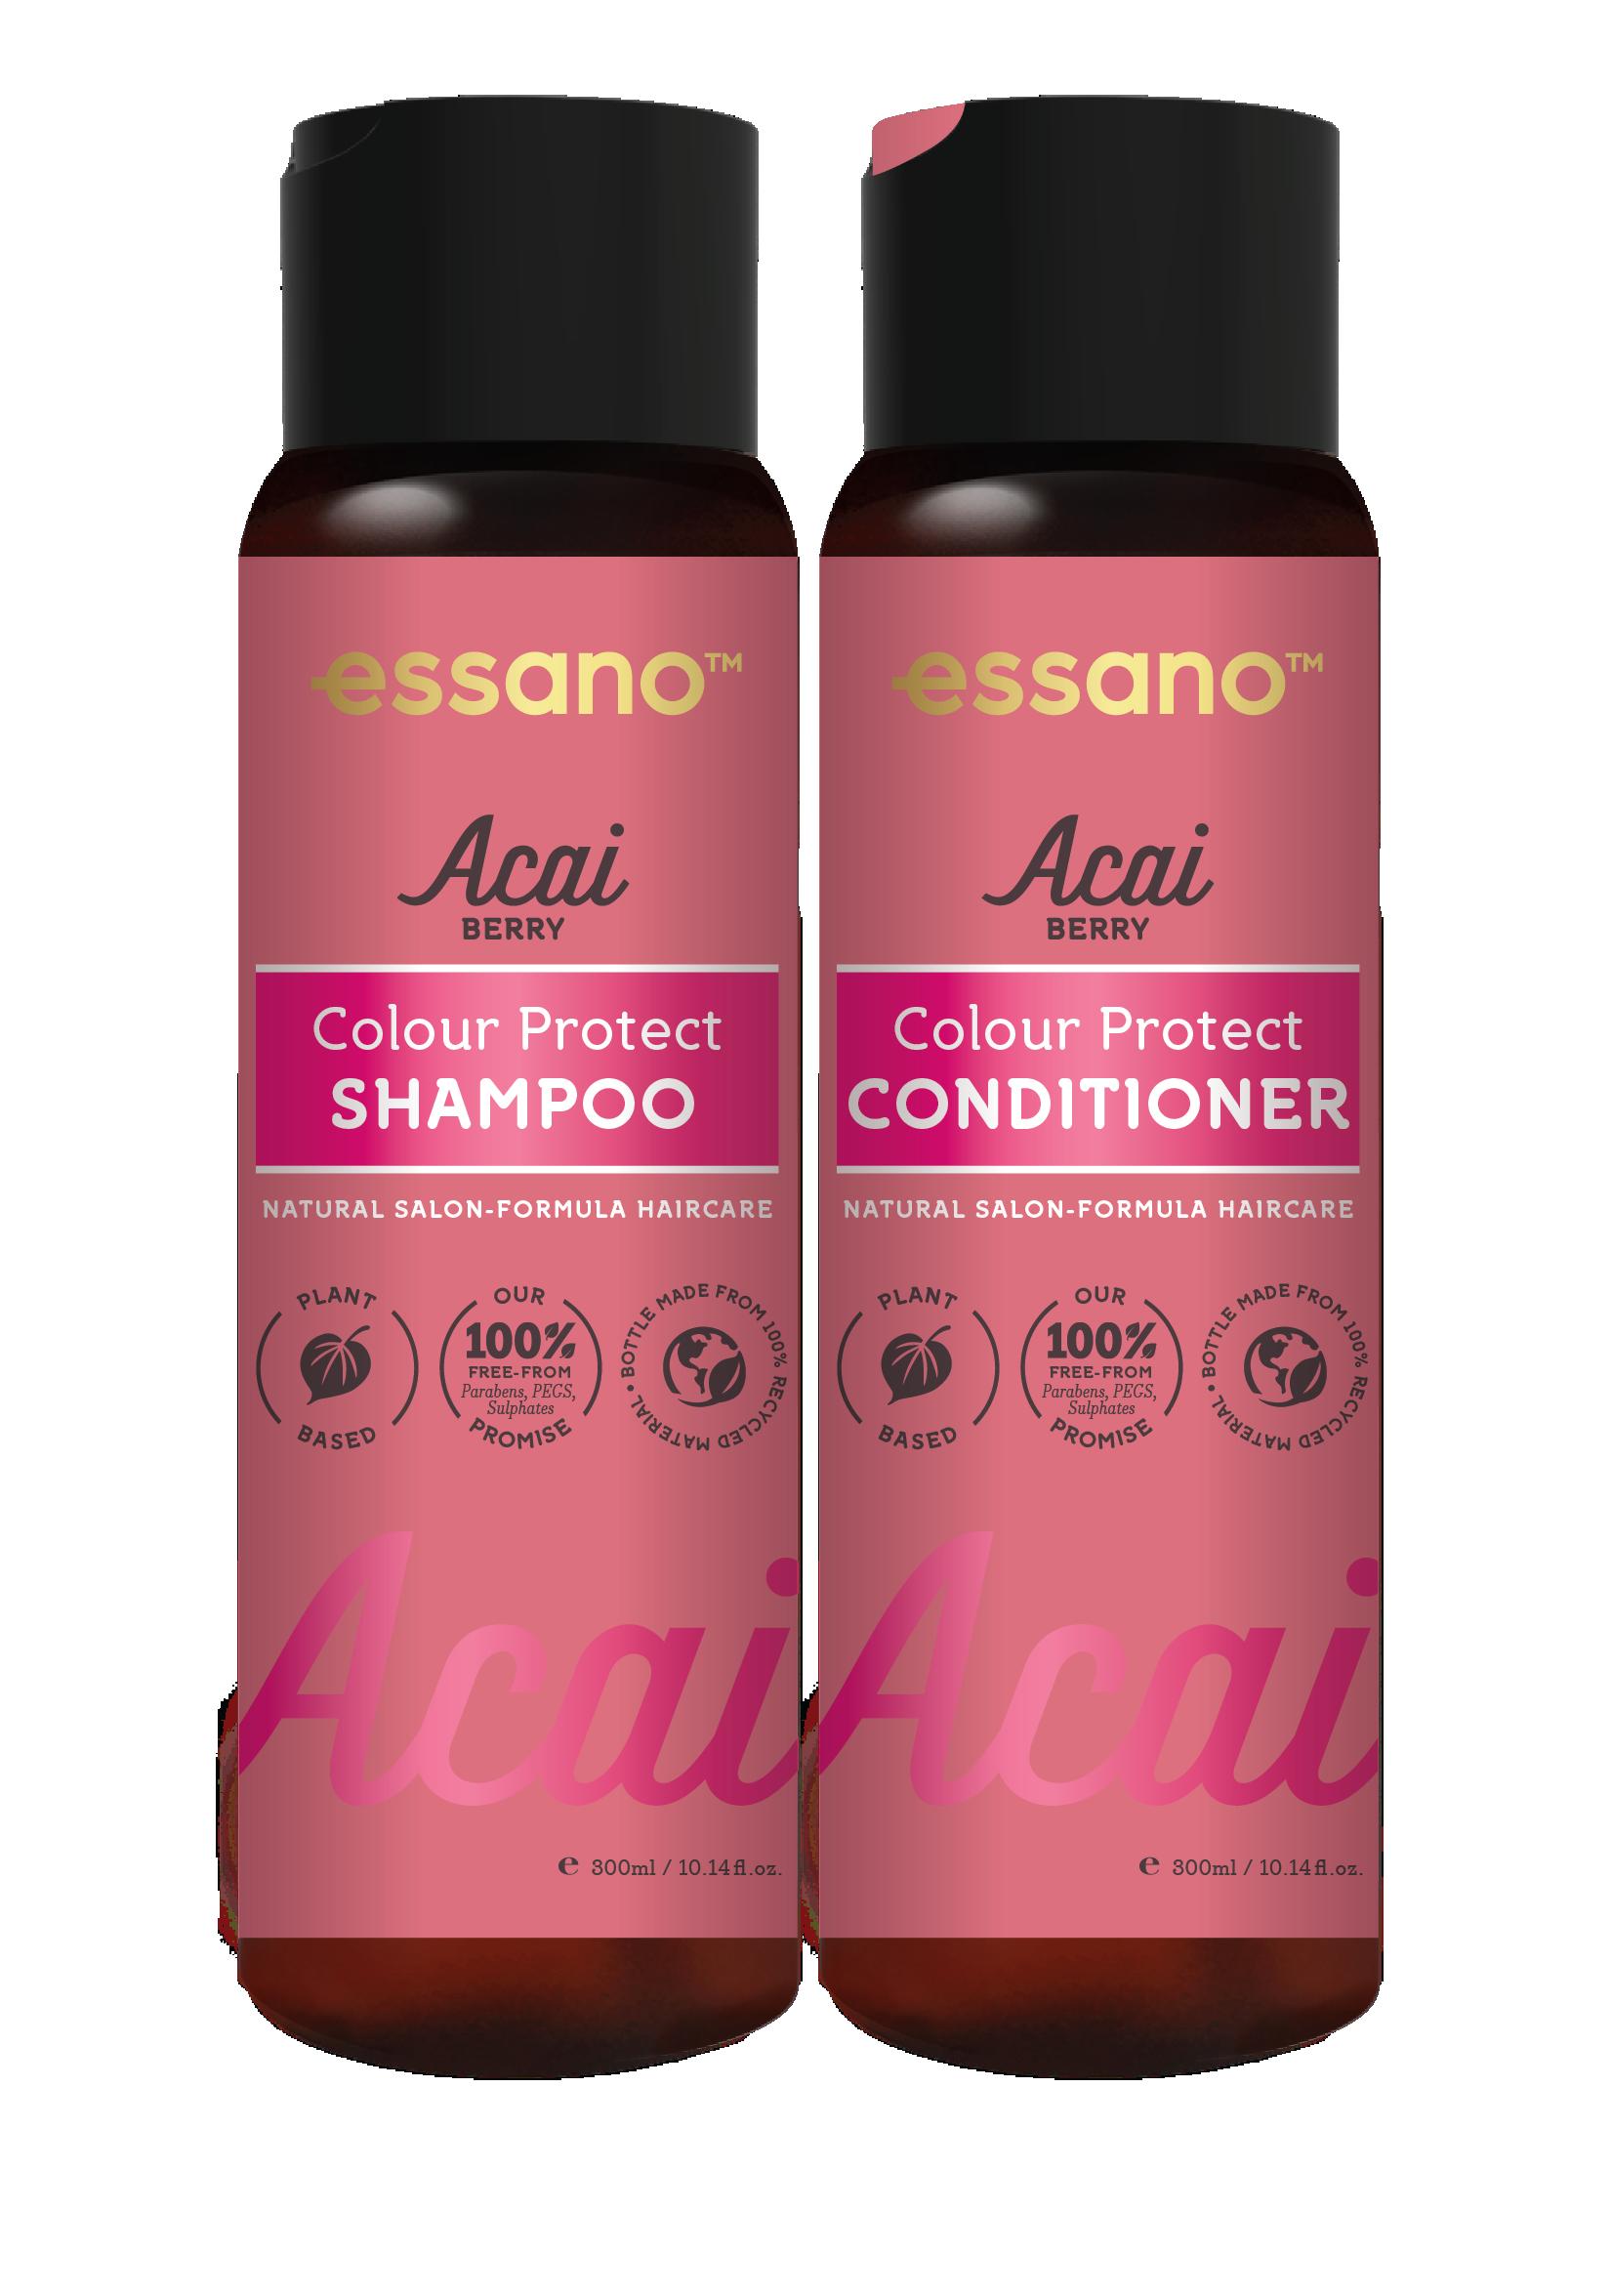 Essano Acai Berry Colour Protect Shampoo and Conditioner duo